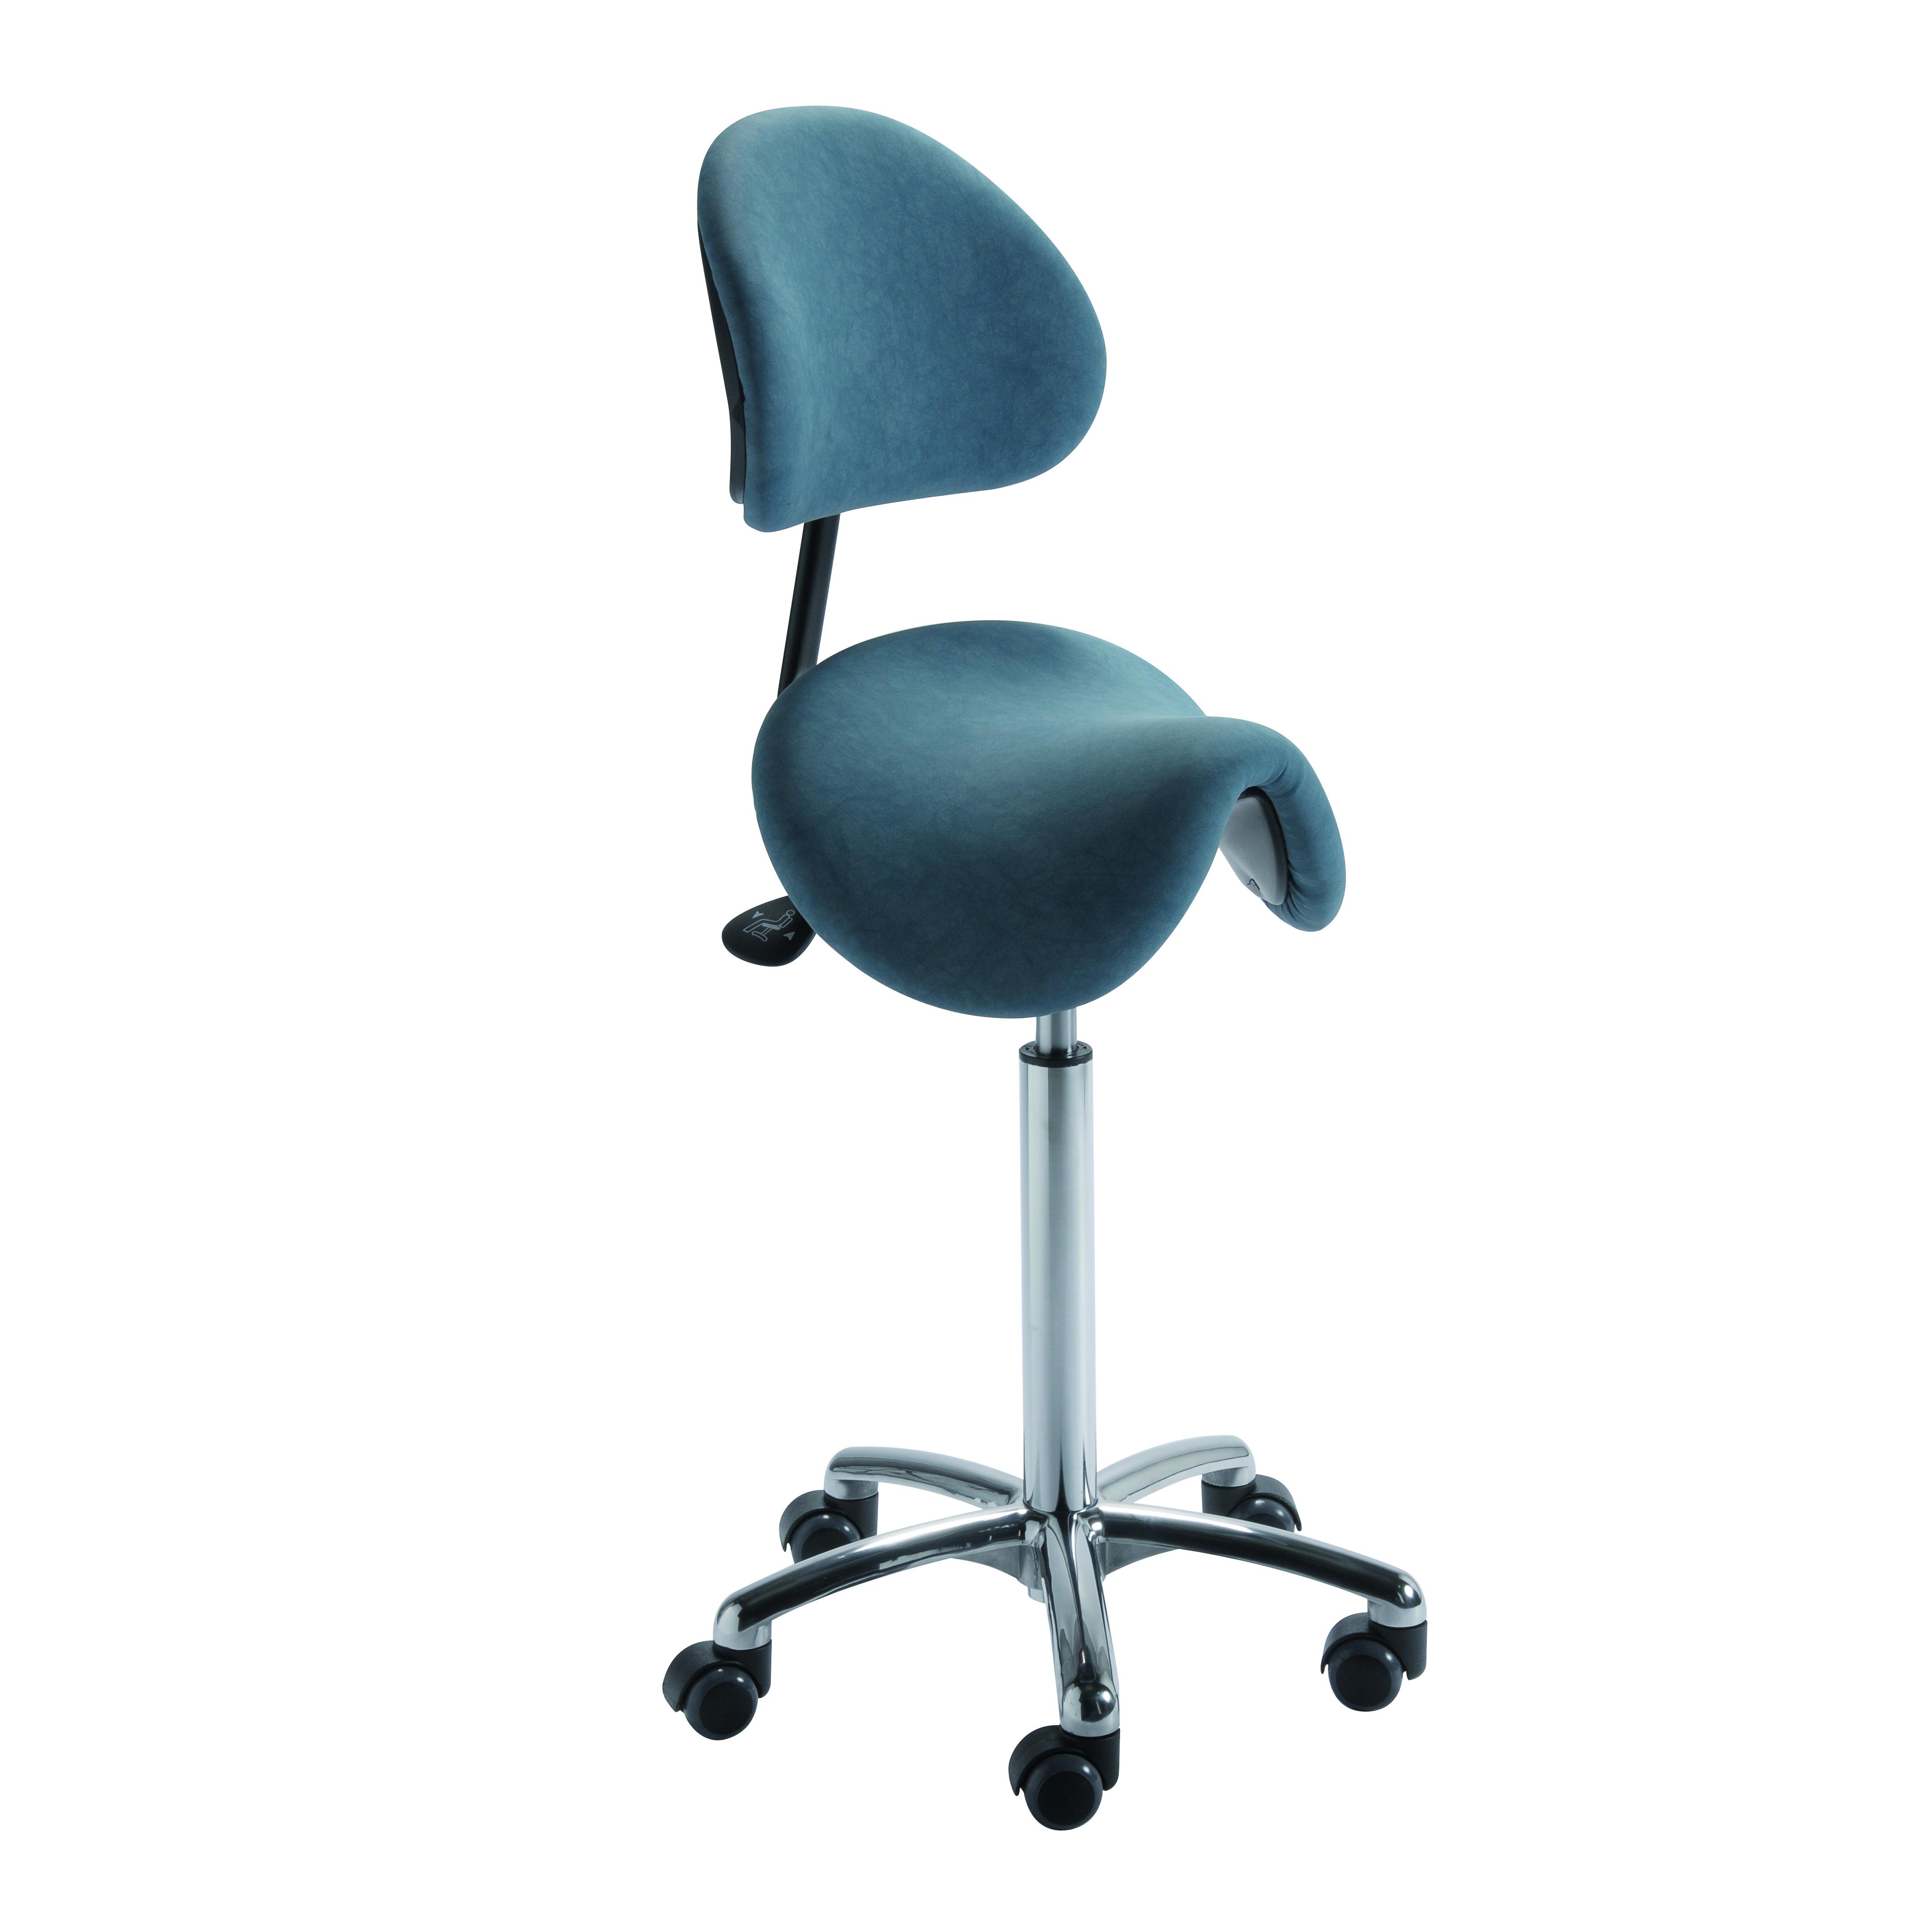 Le siège selle de cheval ergonomique TORNADO de siegepro.com pour une liberté de mouvement au travail en toute sécurité